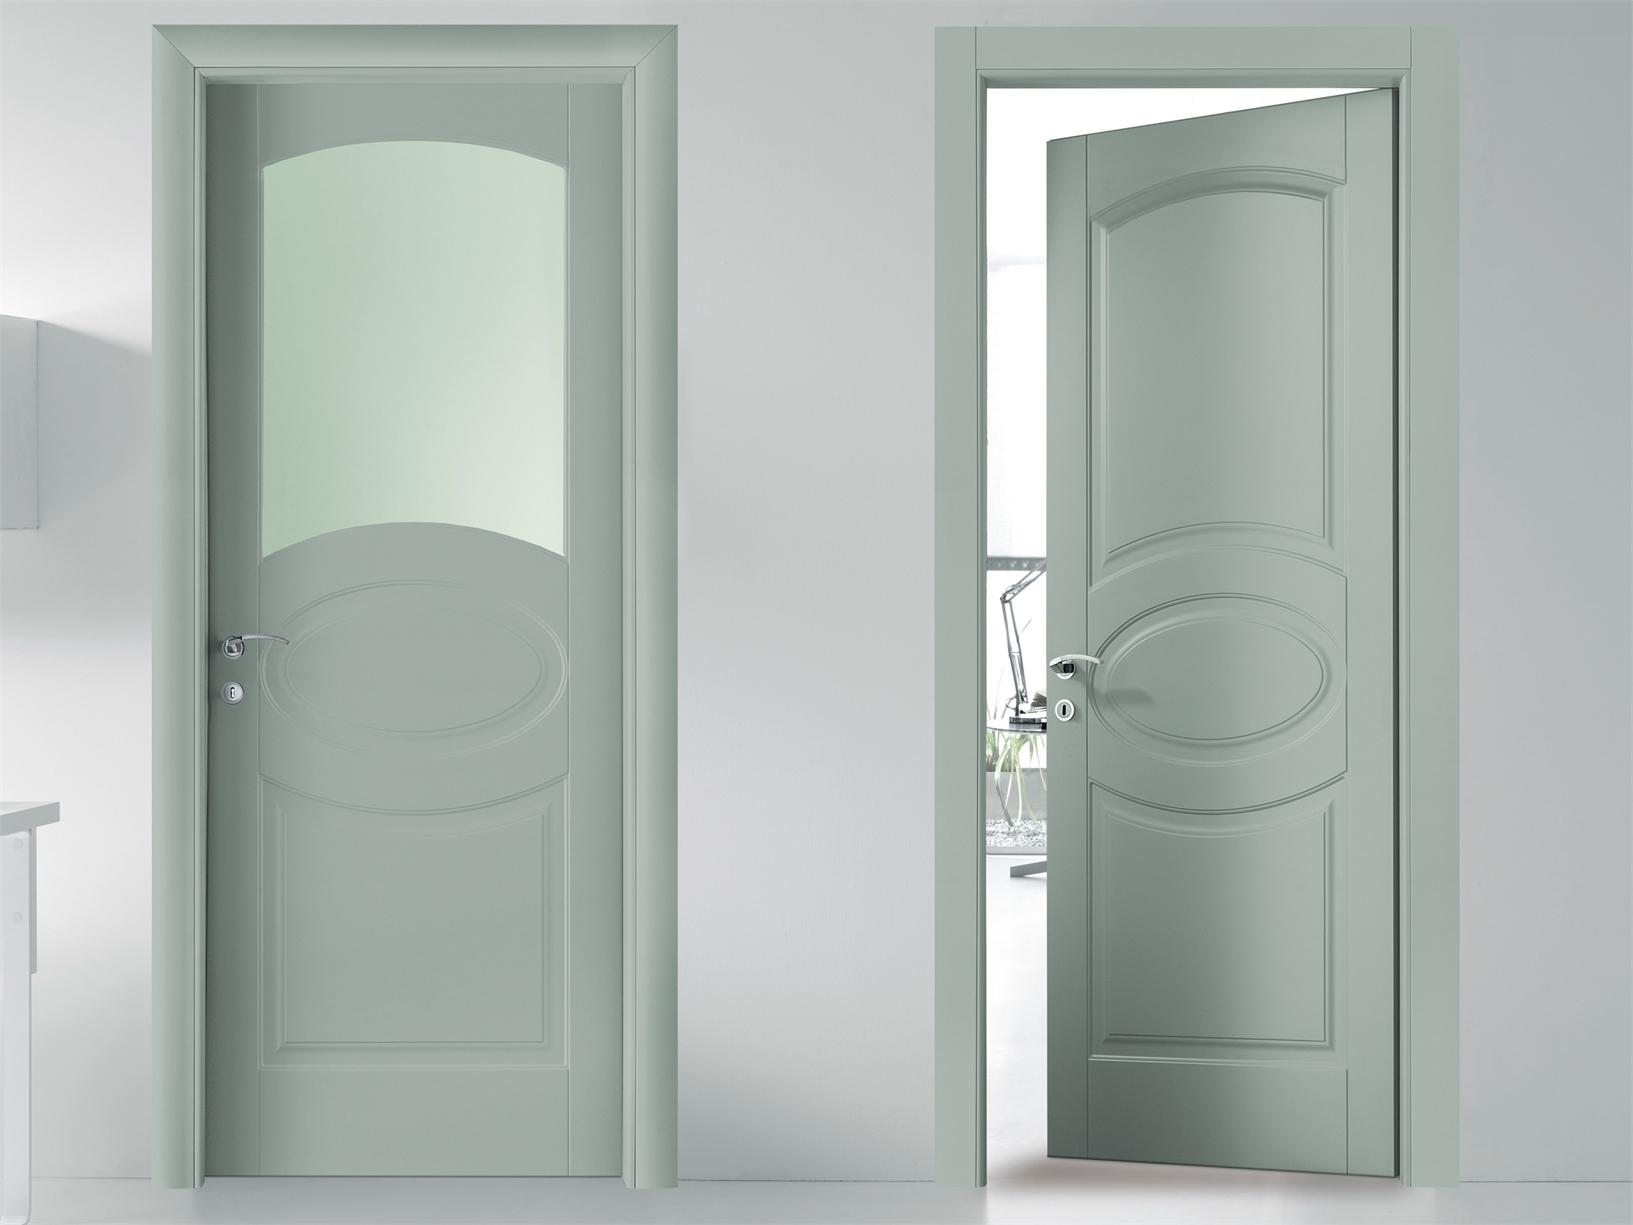 Stile classico e lineare per bertolotto porte - Porte laccate avorio ...